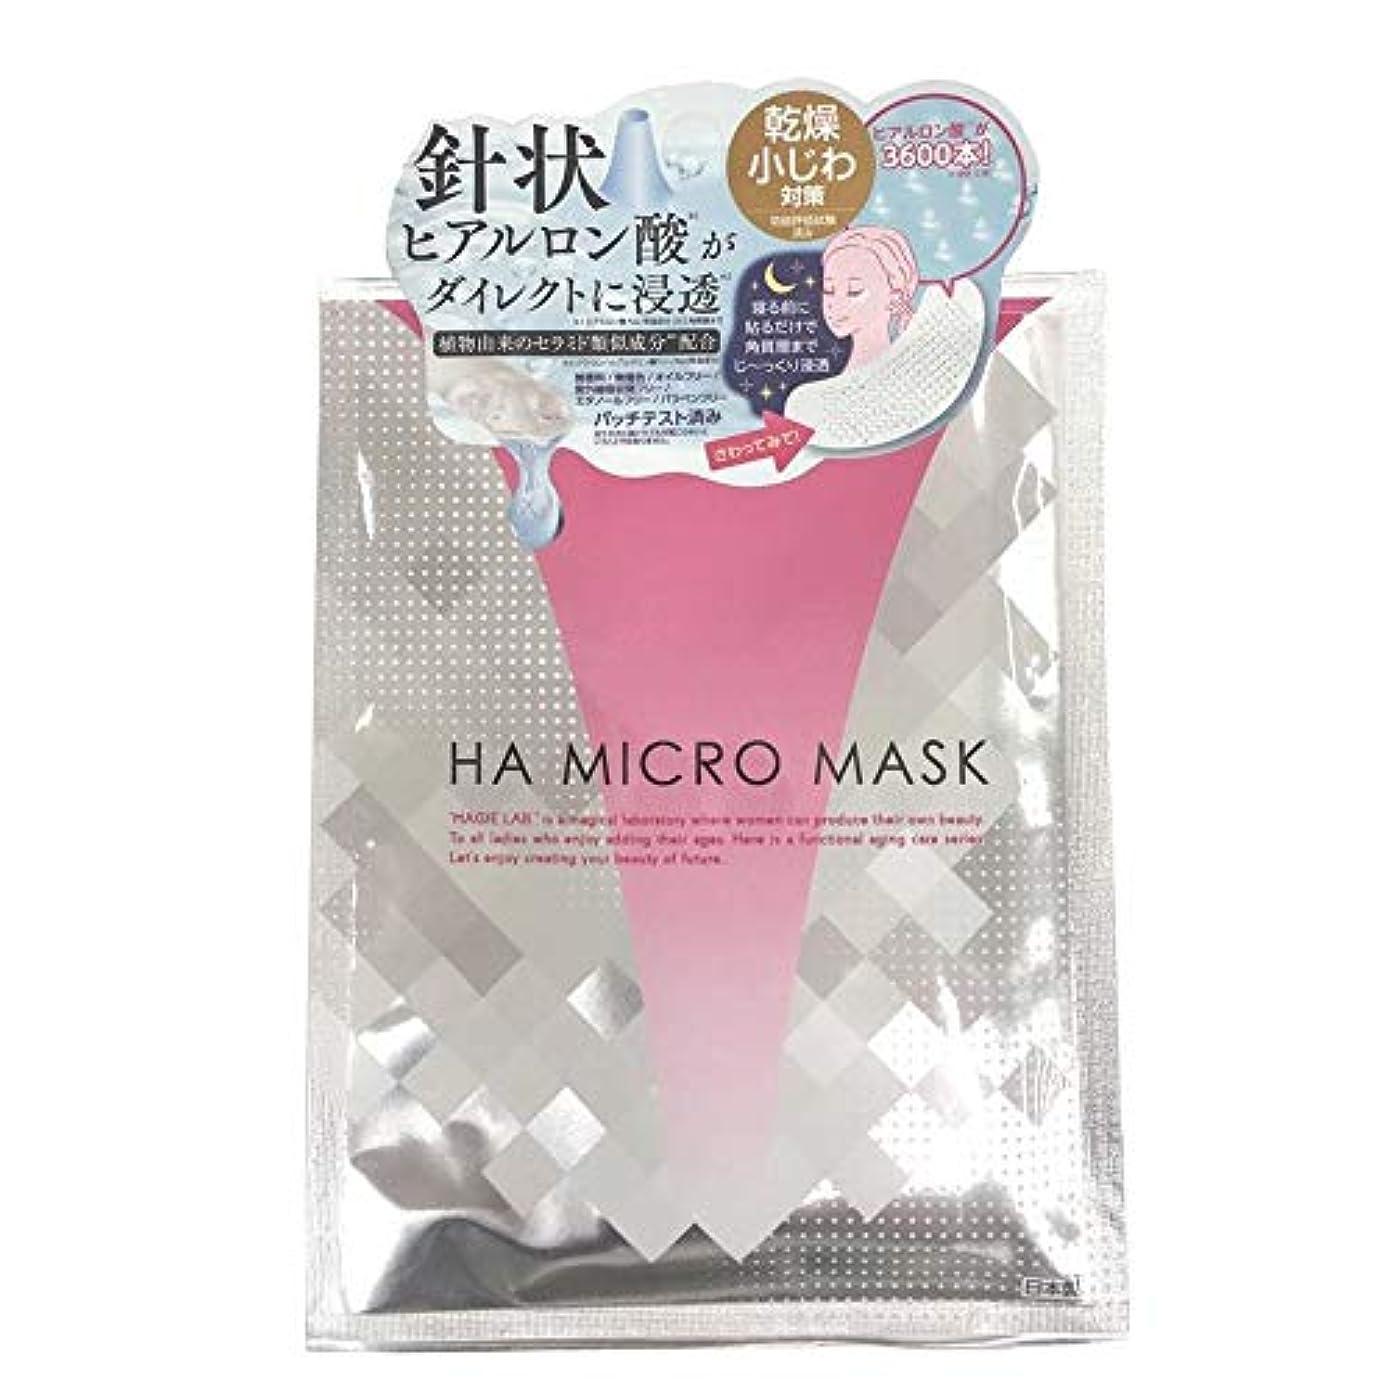 拒絶する香ばしい死MAGiE LAB.(マジラボ) 目元用マスク HA マイクロマスク 2枚入り(1回分) MG22153